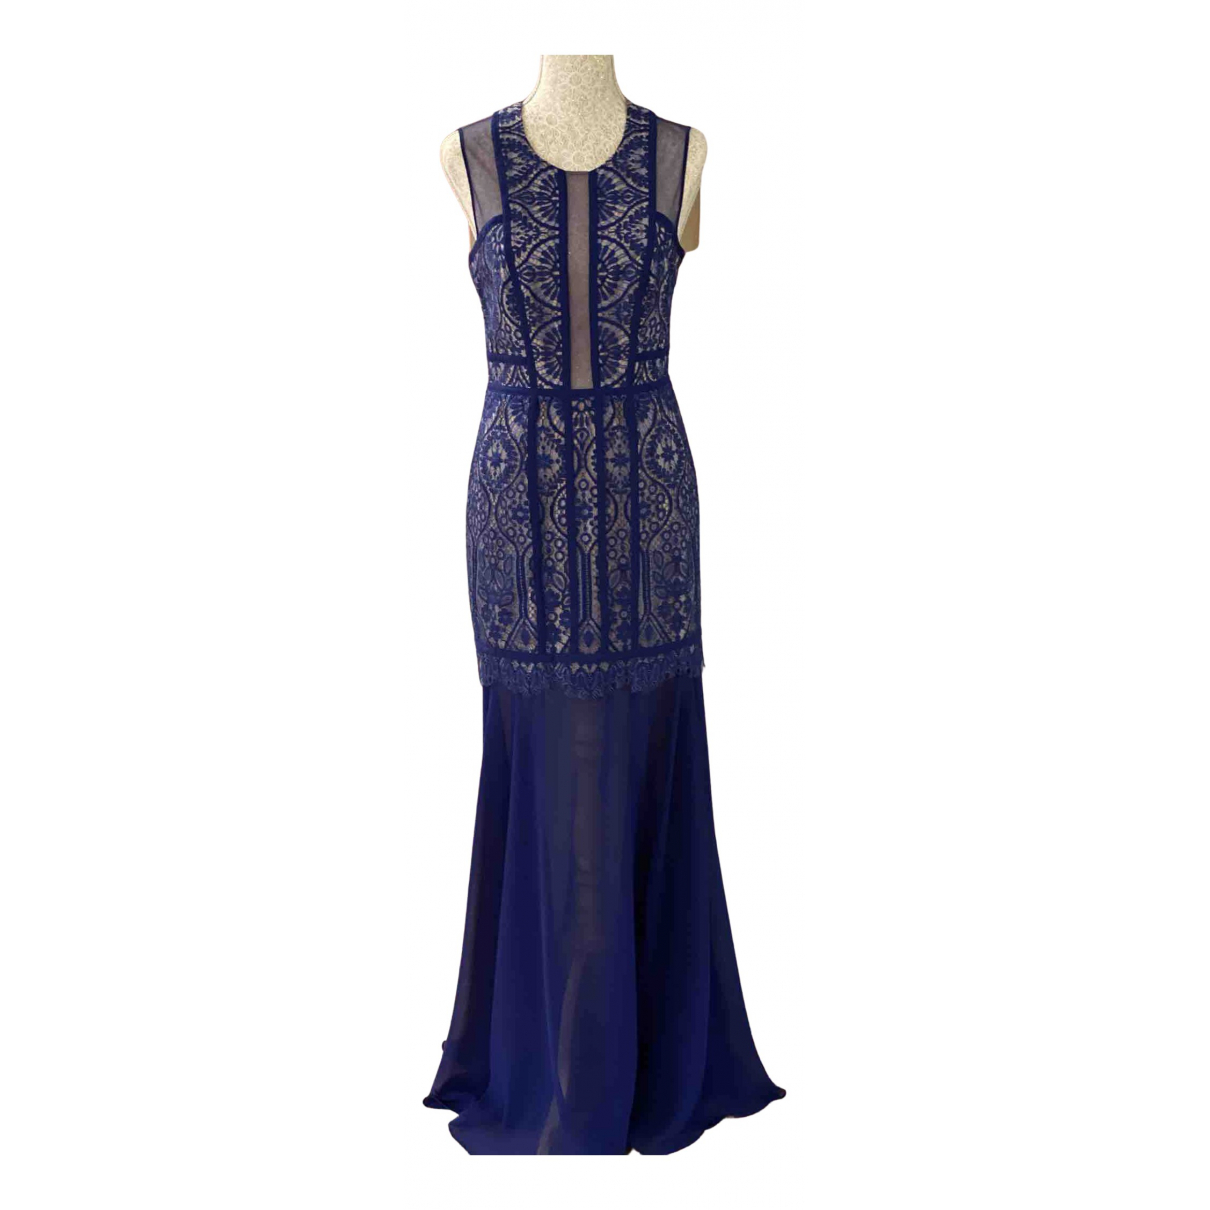 Maxi vestido de Seda Bcbg Max Azria